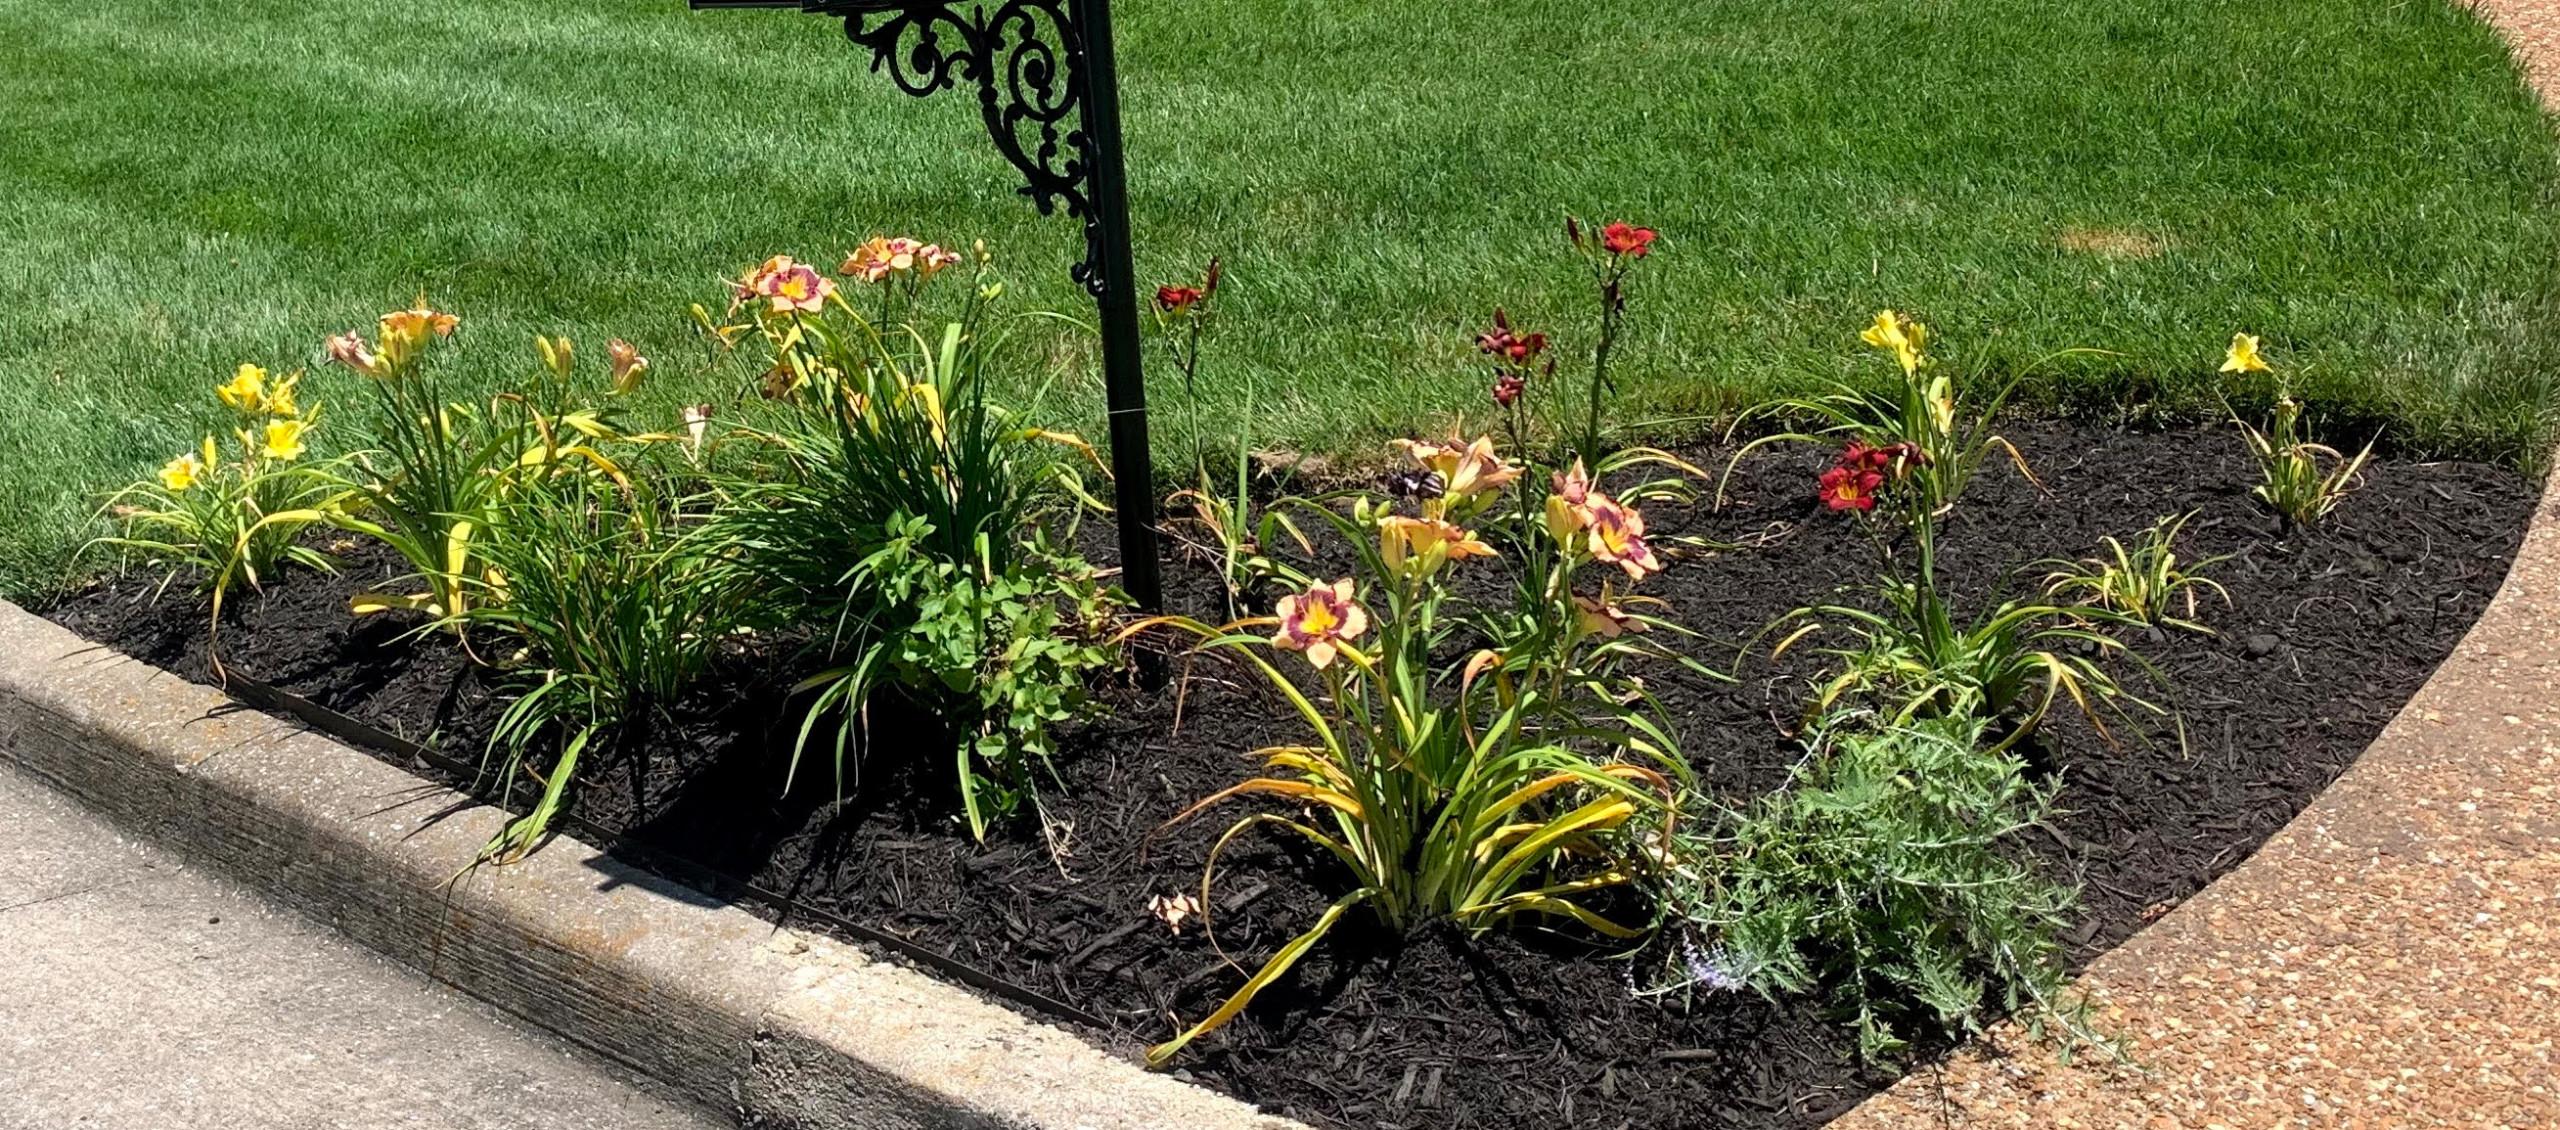 Seasonal Flower beds